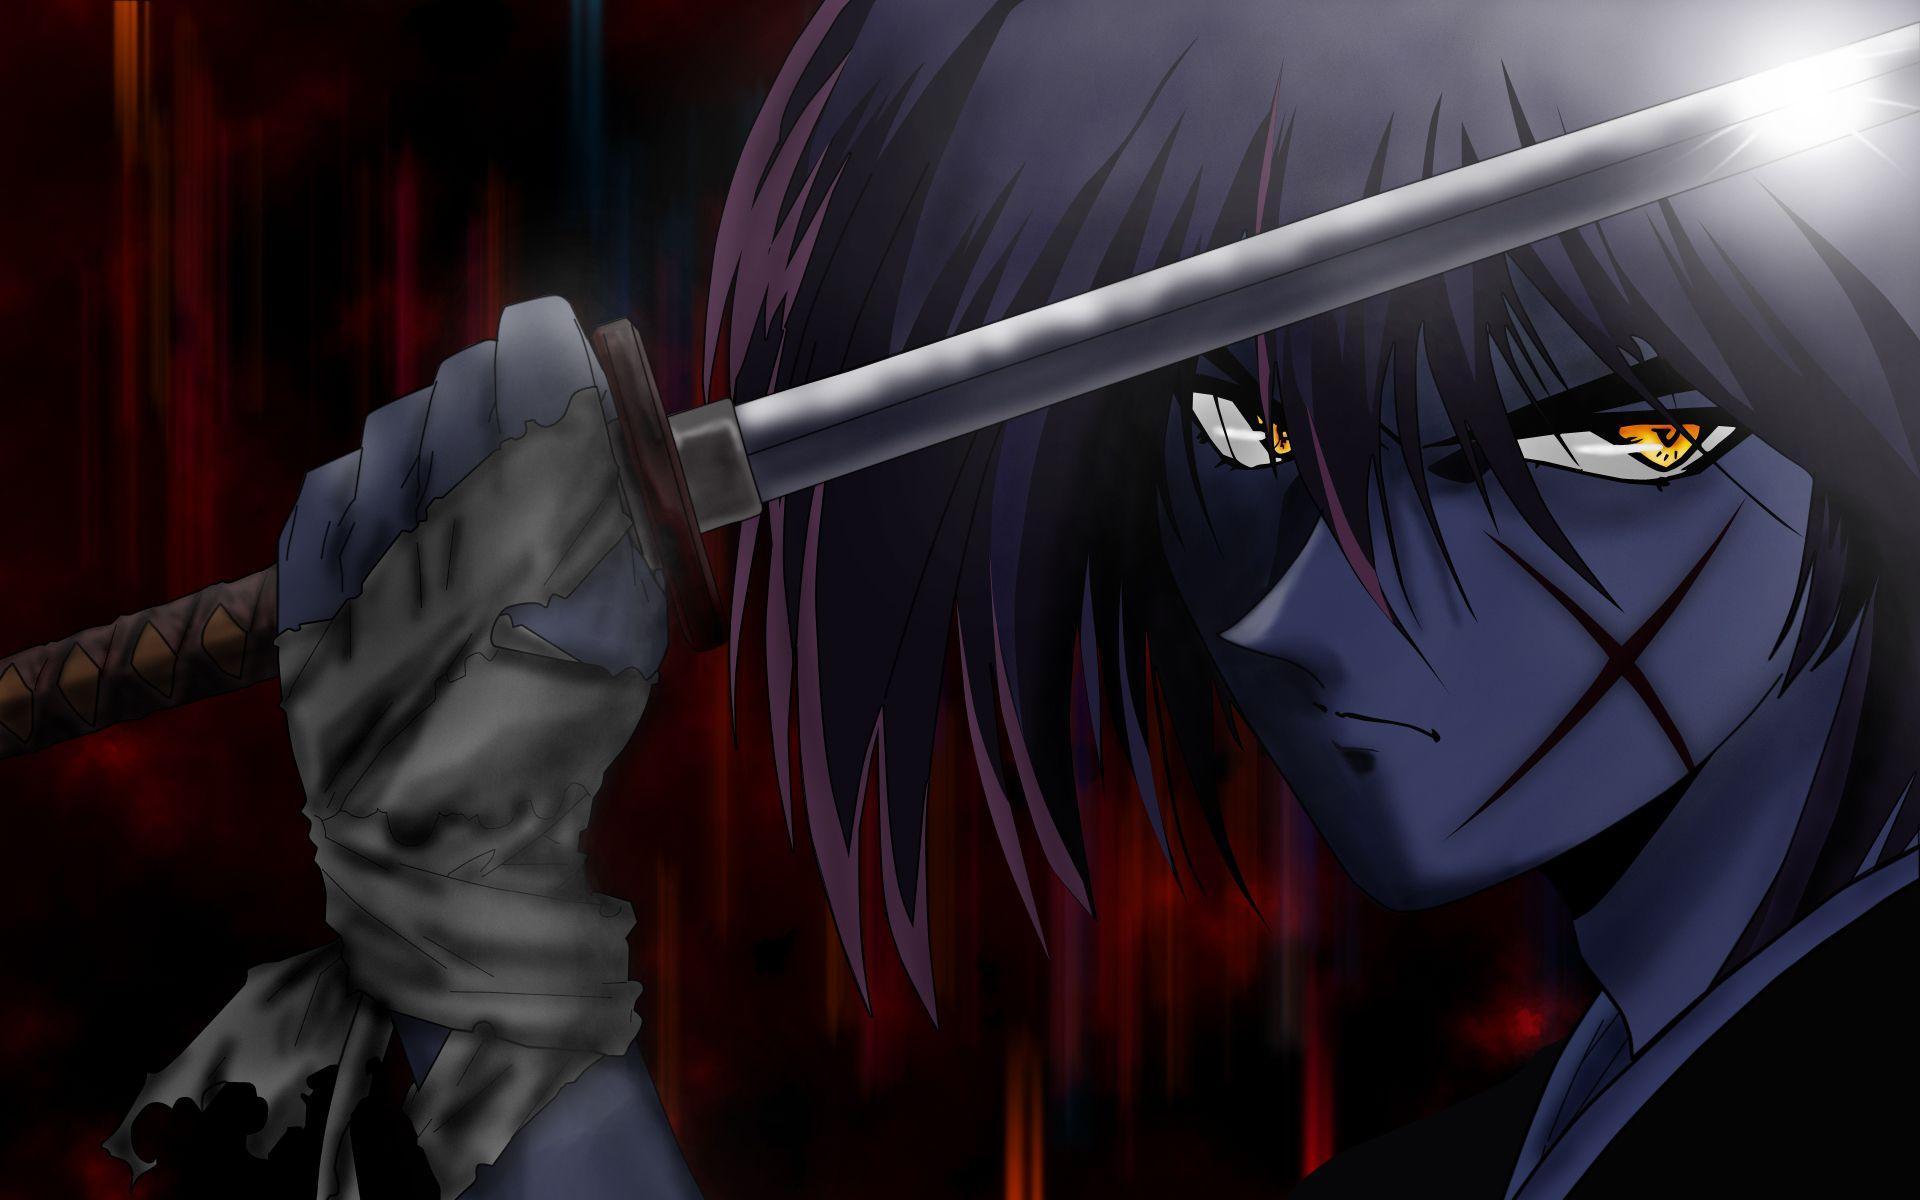 Kenshin Himura Wallpapers HD - Wallpaper Cave